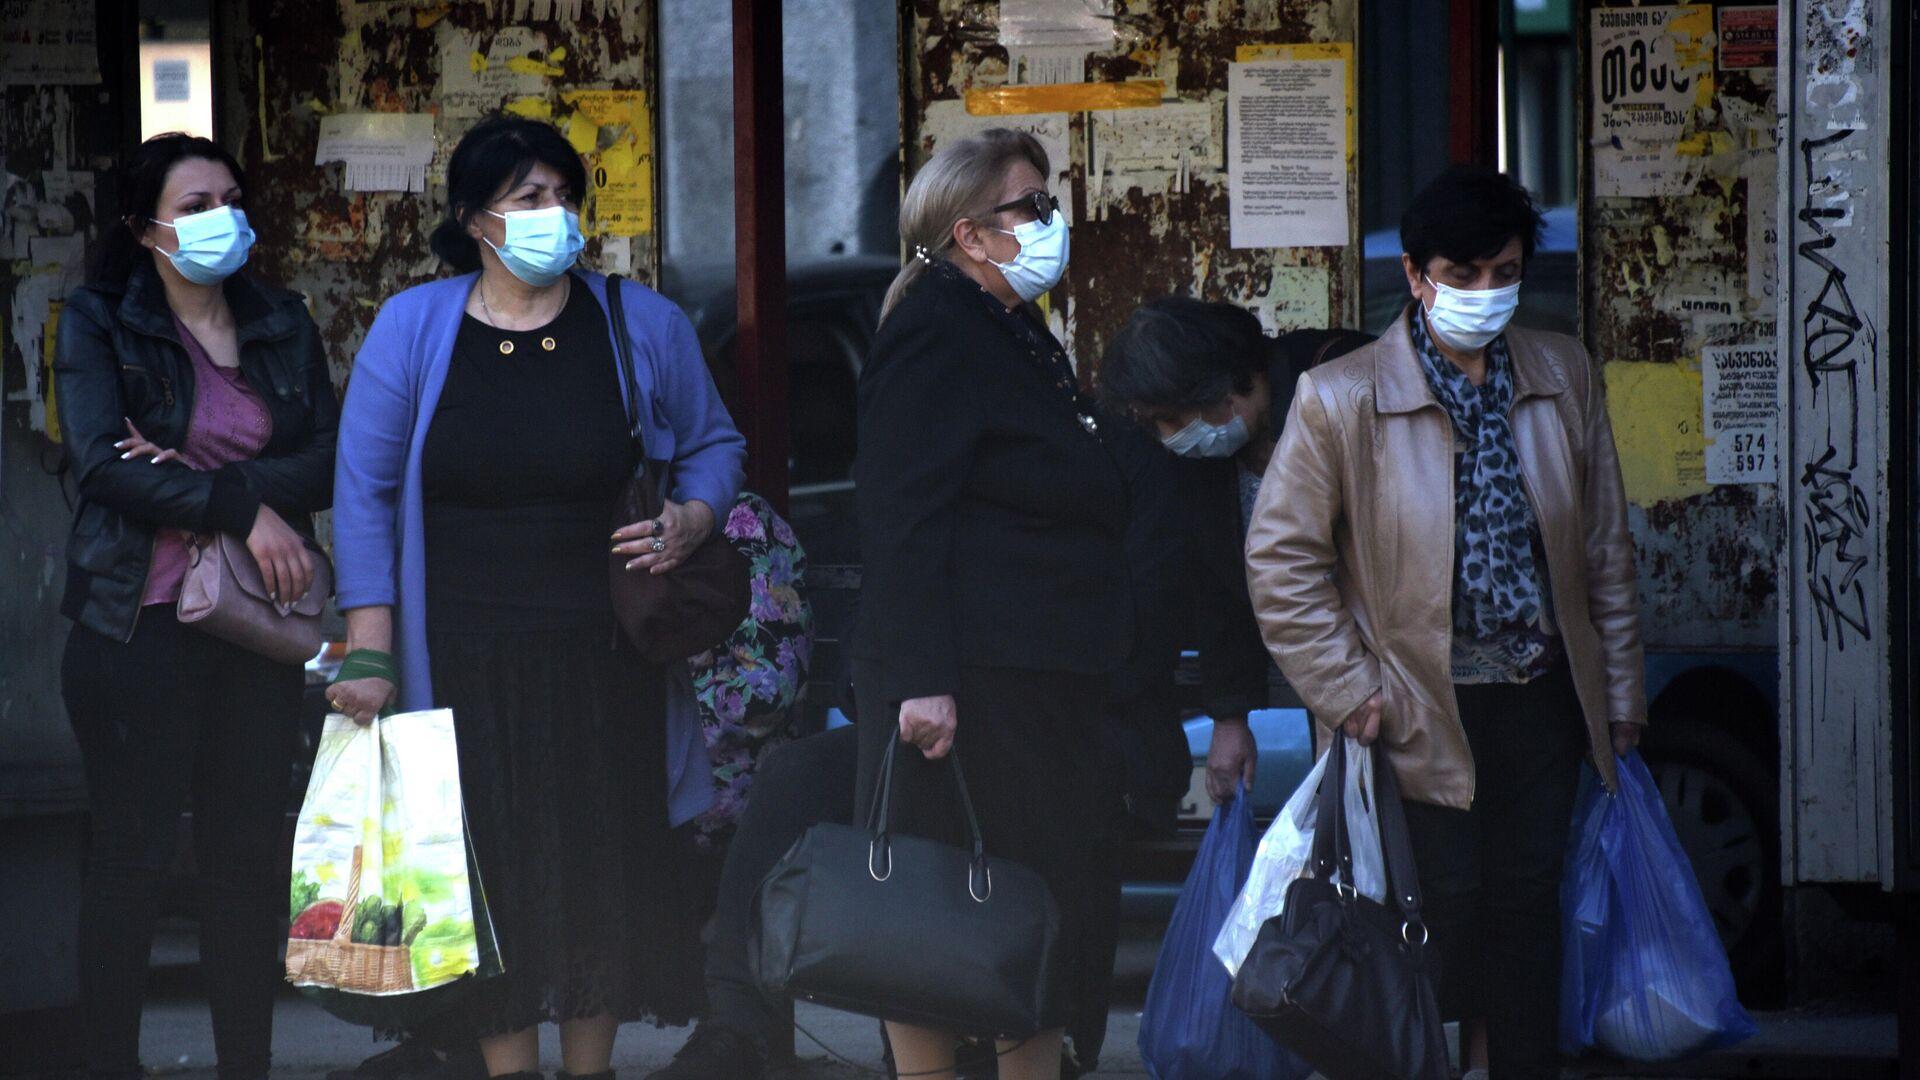 Эпидемия коронавируса - прохожие на улице в масках - Sputnik Грузия, 1920, 09.10.2021